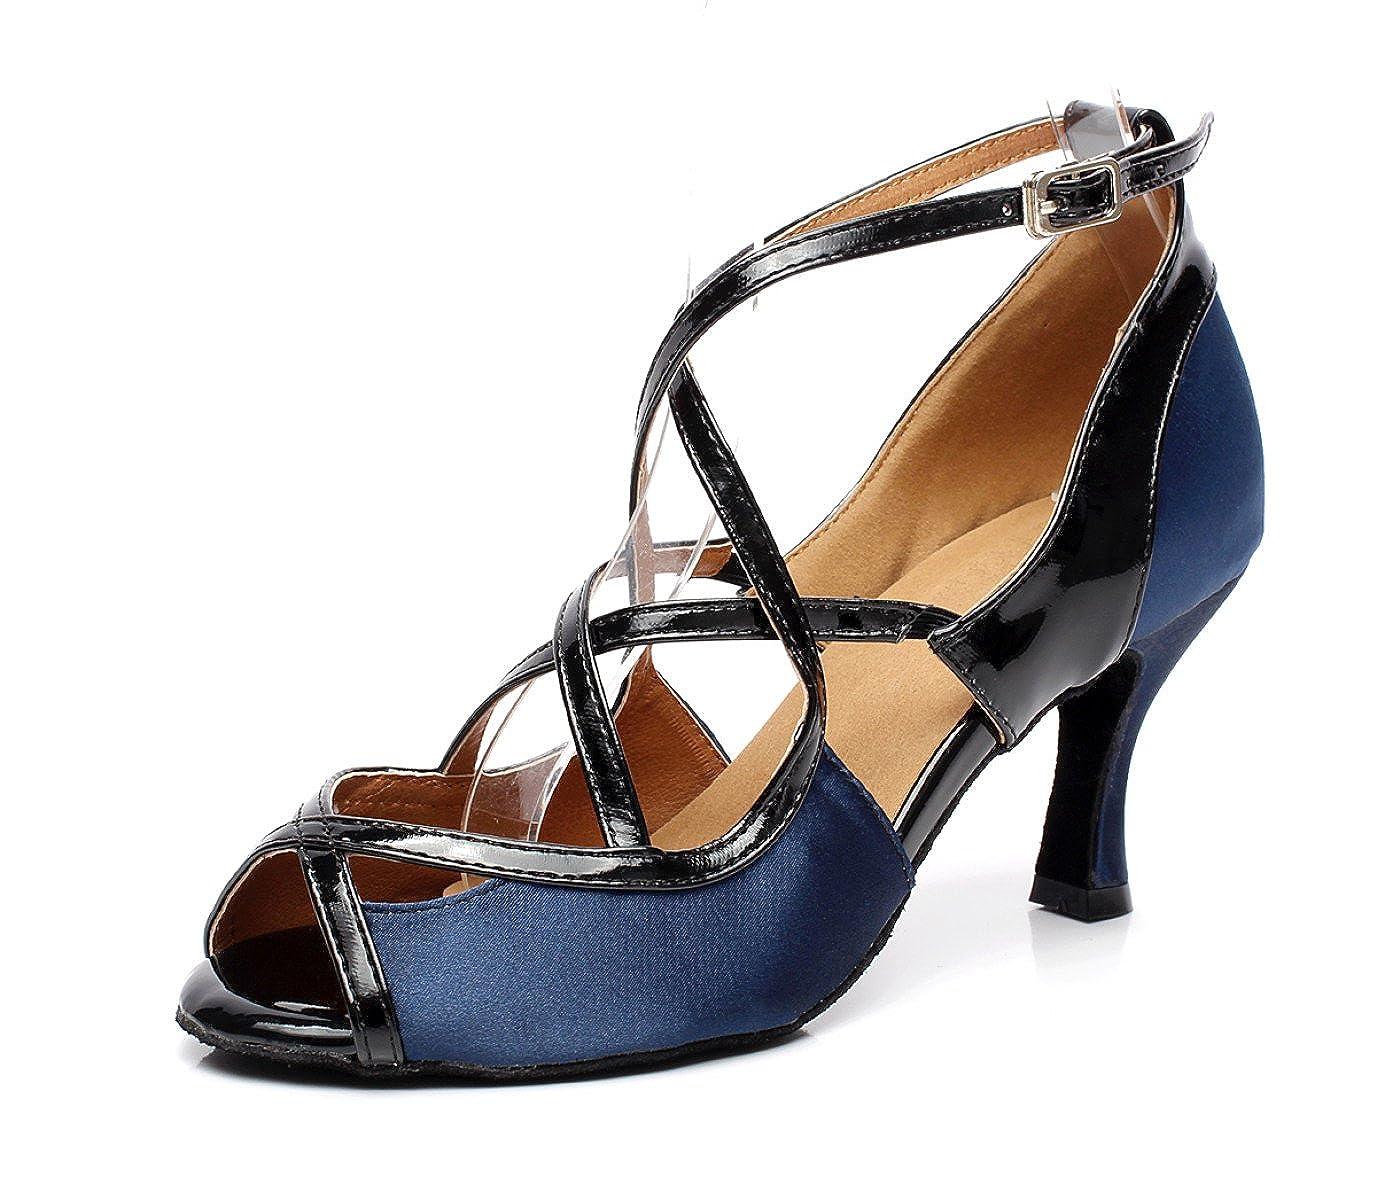 JSHOE Danse Chaussures De Danse - Latine Pour Talons Femme Salsa/Tango/Thé/Samba/Moderne/Jazz Chaussures Sandales Talons Hauts,D-heeled7.5cm-UK6.5/EU40/Our41 - 8a8ca81 - shopssong.space